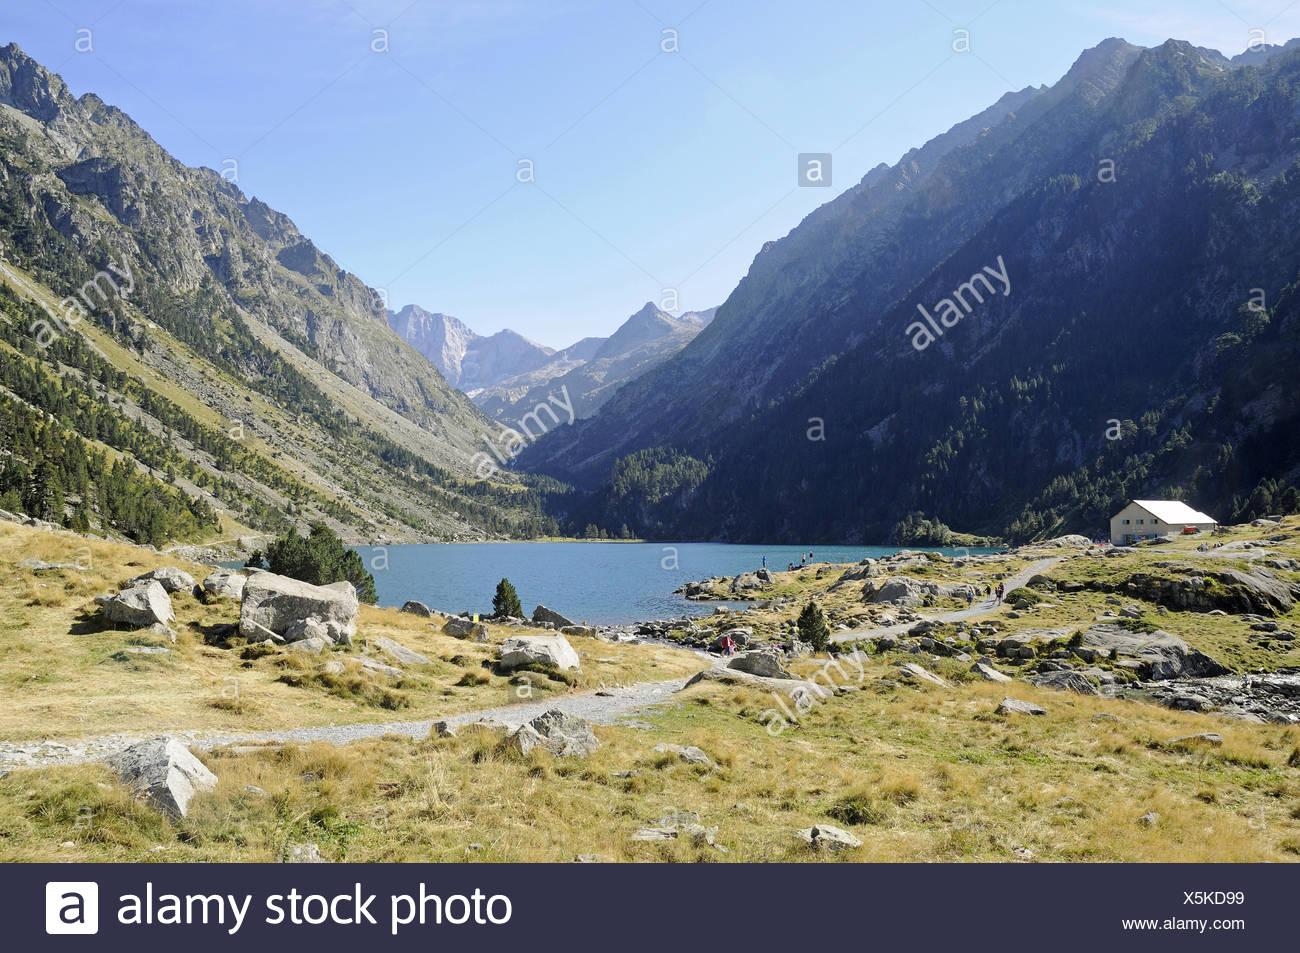 landscape, Cauterets, Midi-Pyrenees, France Stock Photo